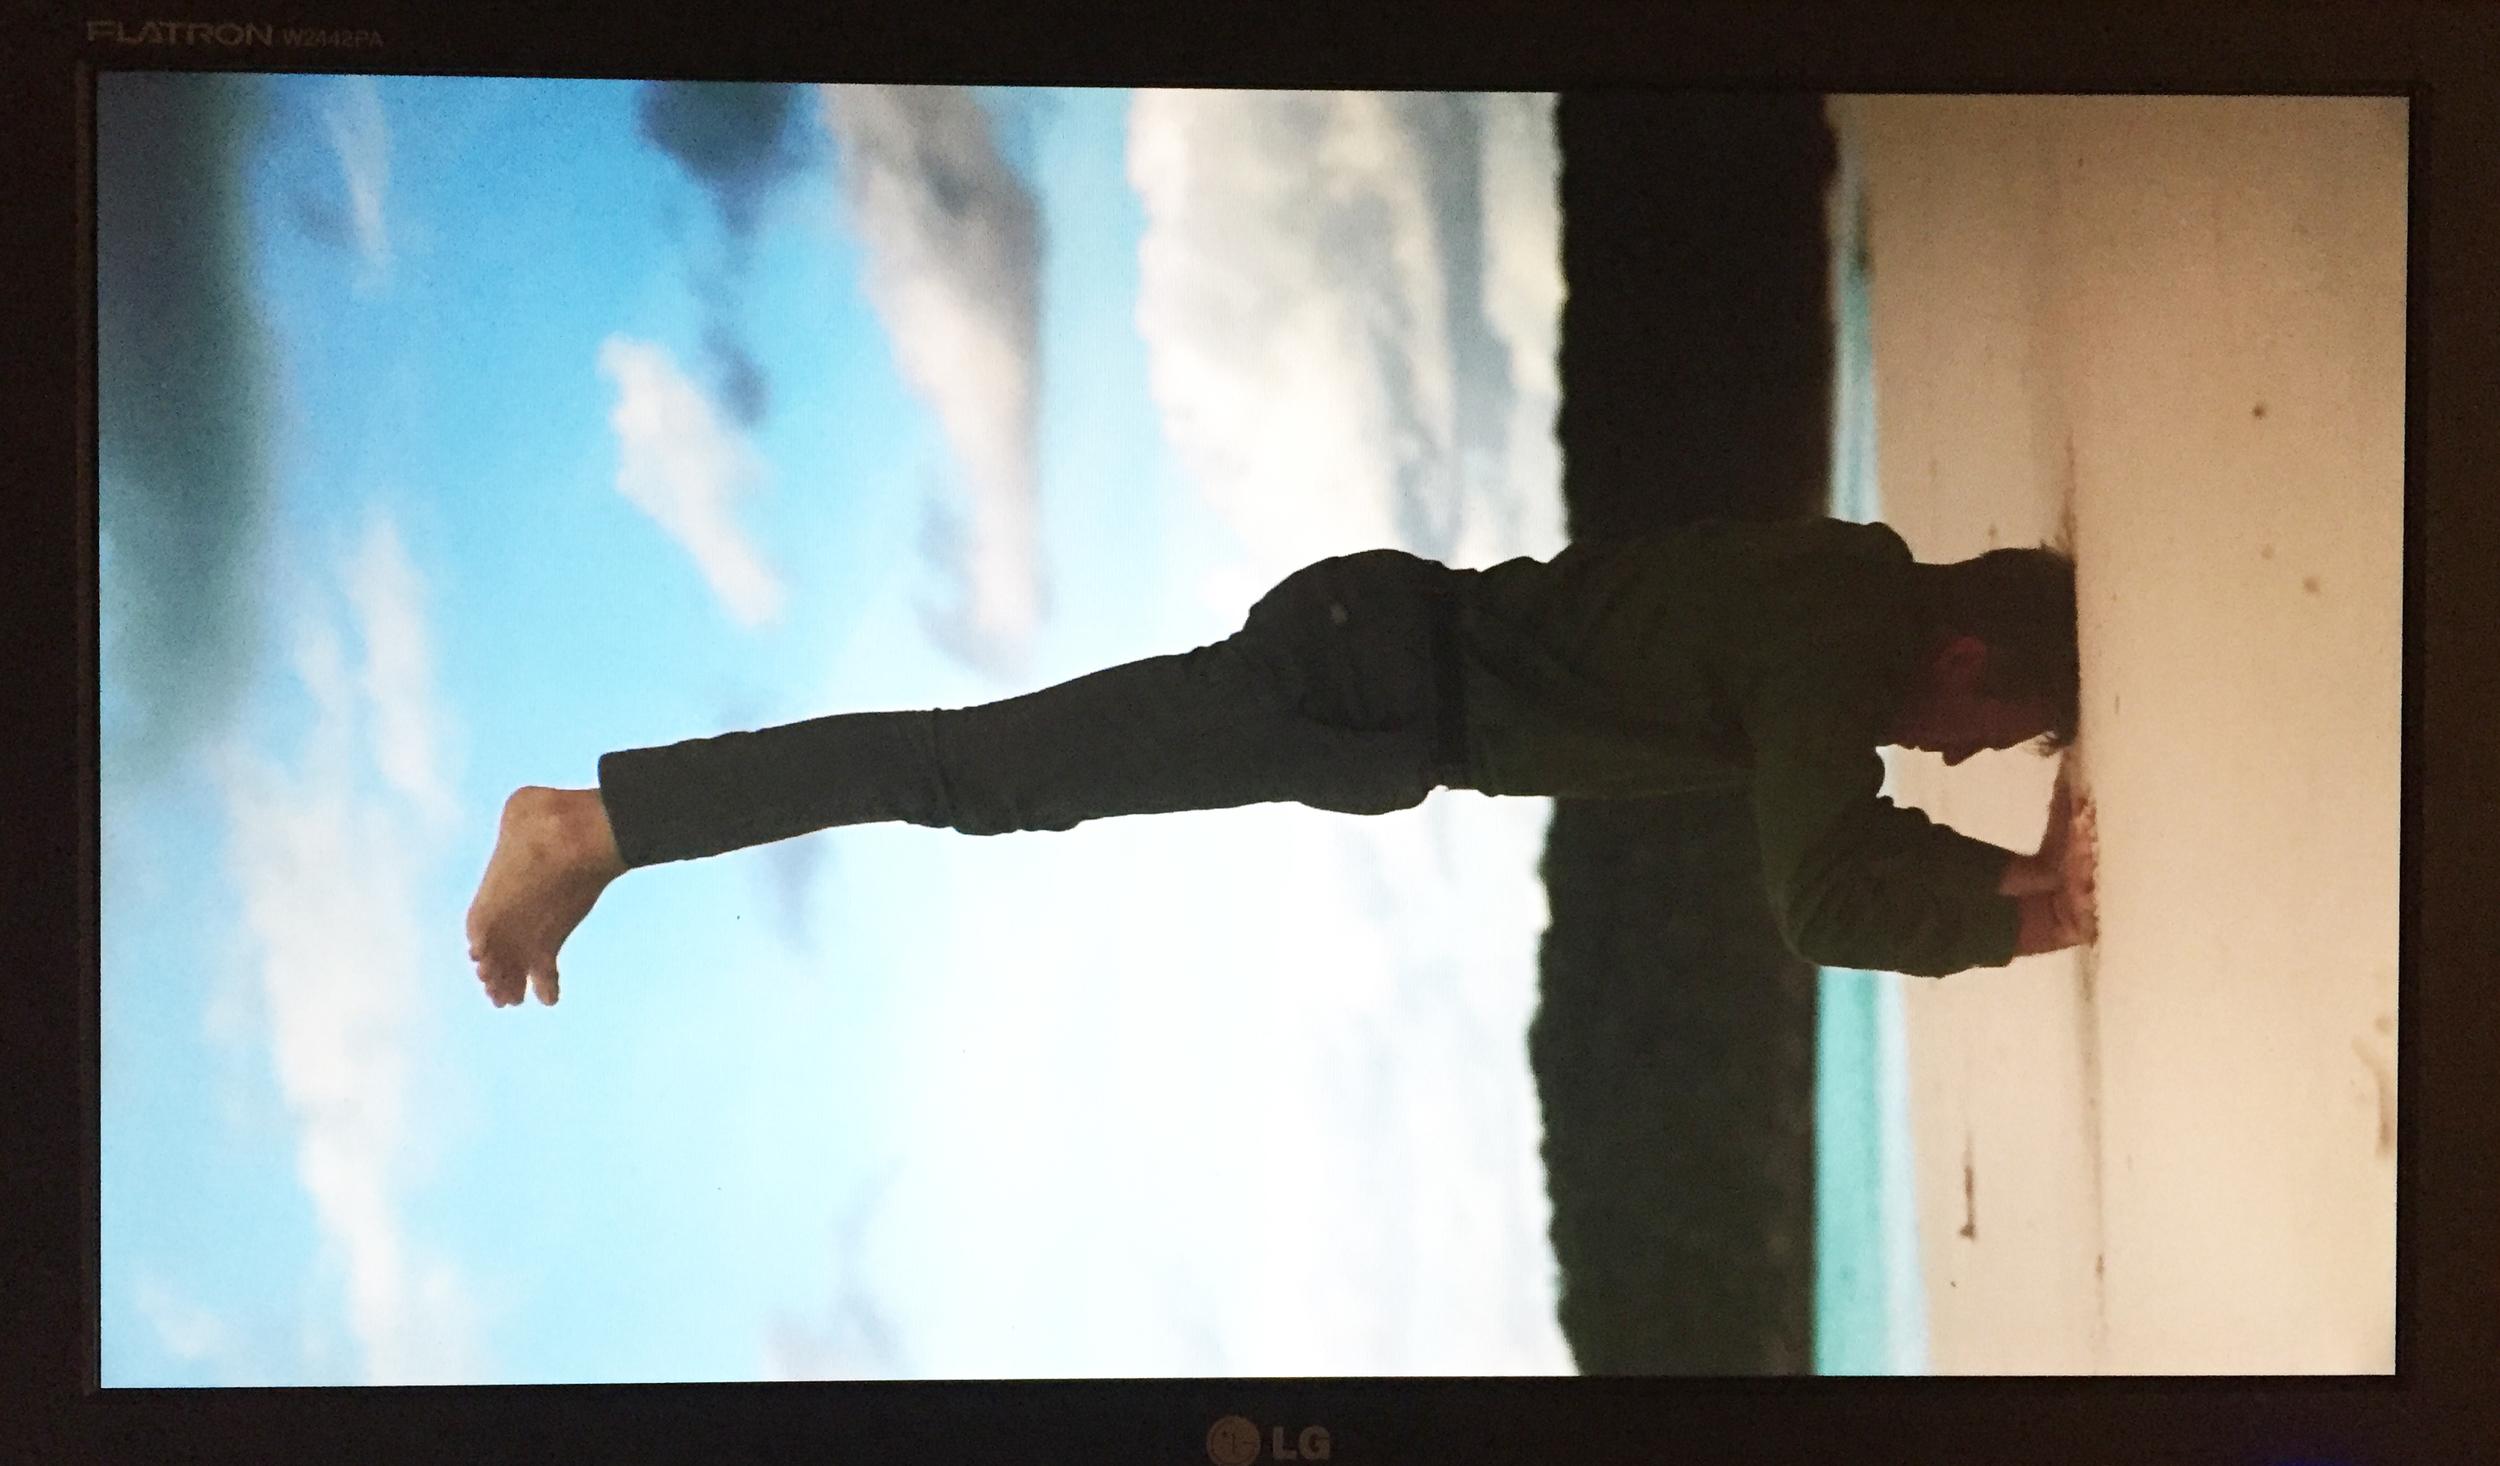 Richard Jochum Atlas Goes Superman (Cat Island) HD Video 1920 x 1280 px/ TRT 2min: 17 sec, loop 2016